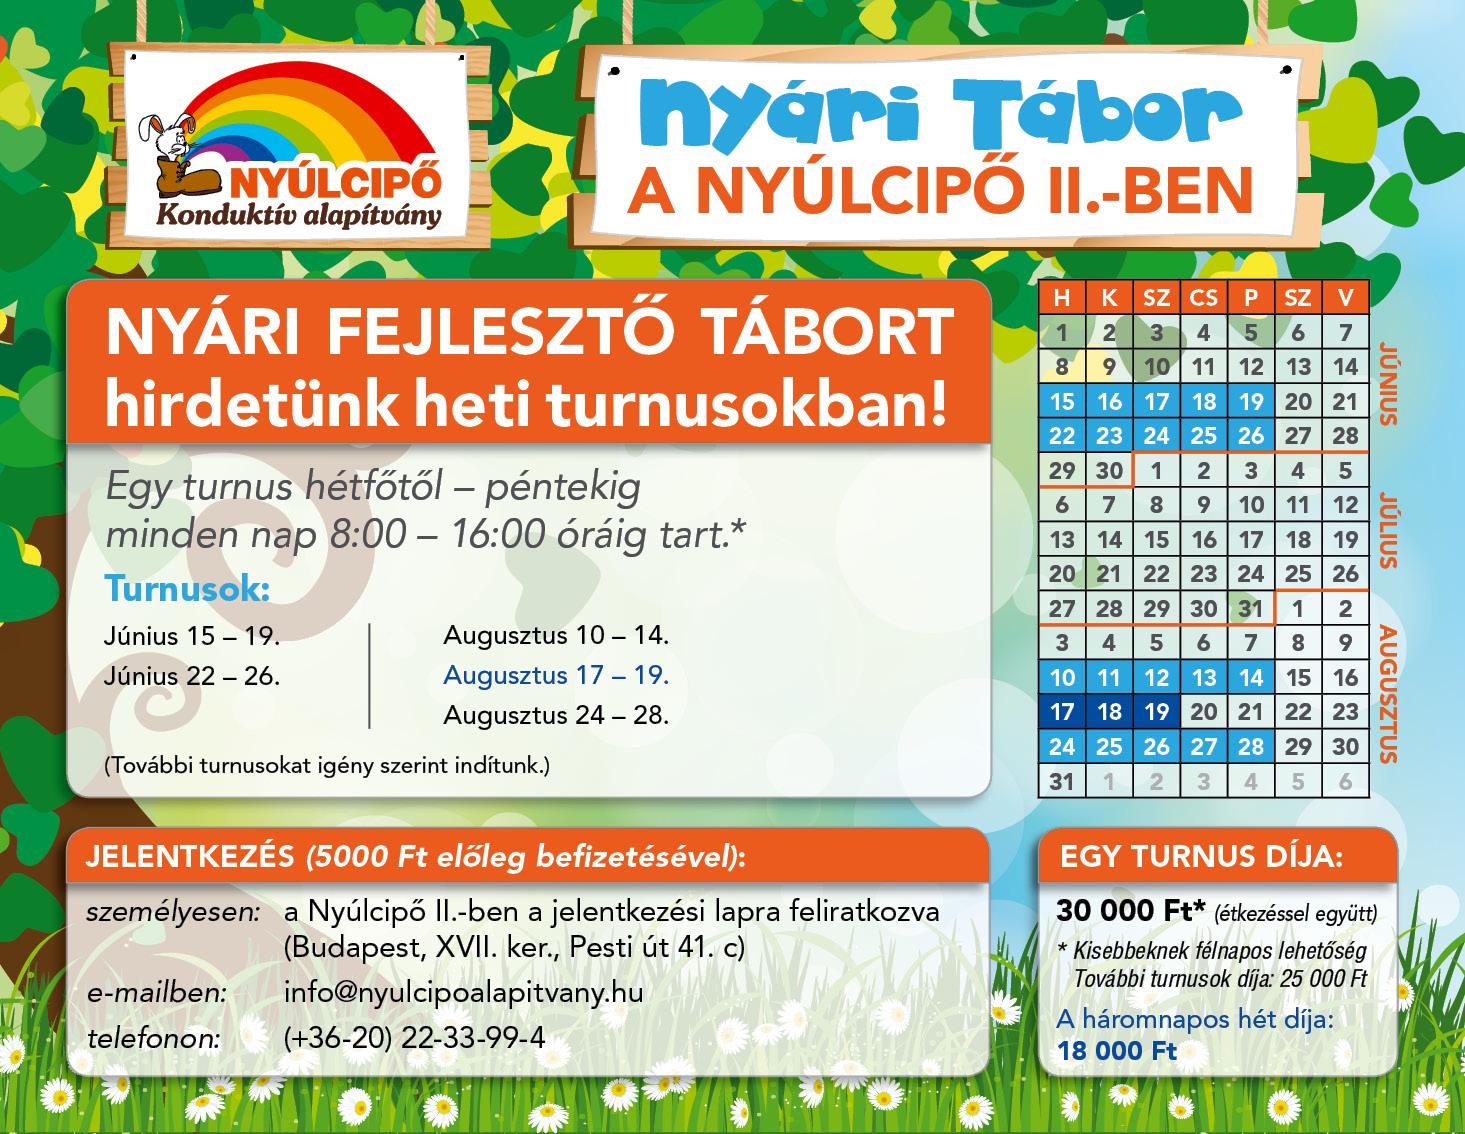 2015. Nyári Tábor - 17. kerület, Nyúlcipő 2.